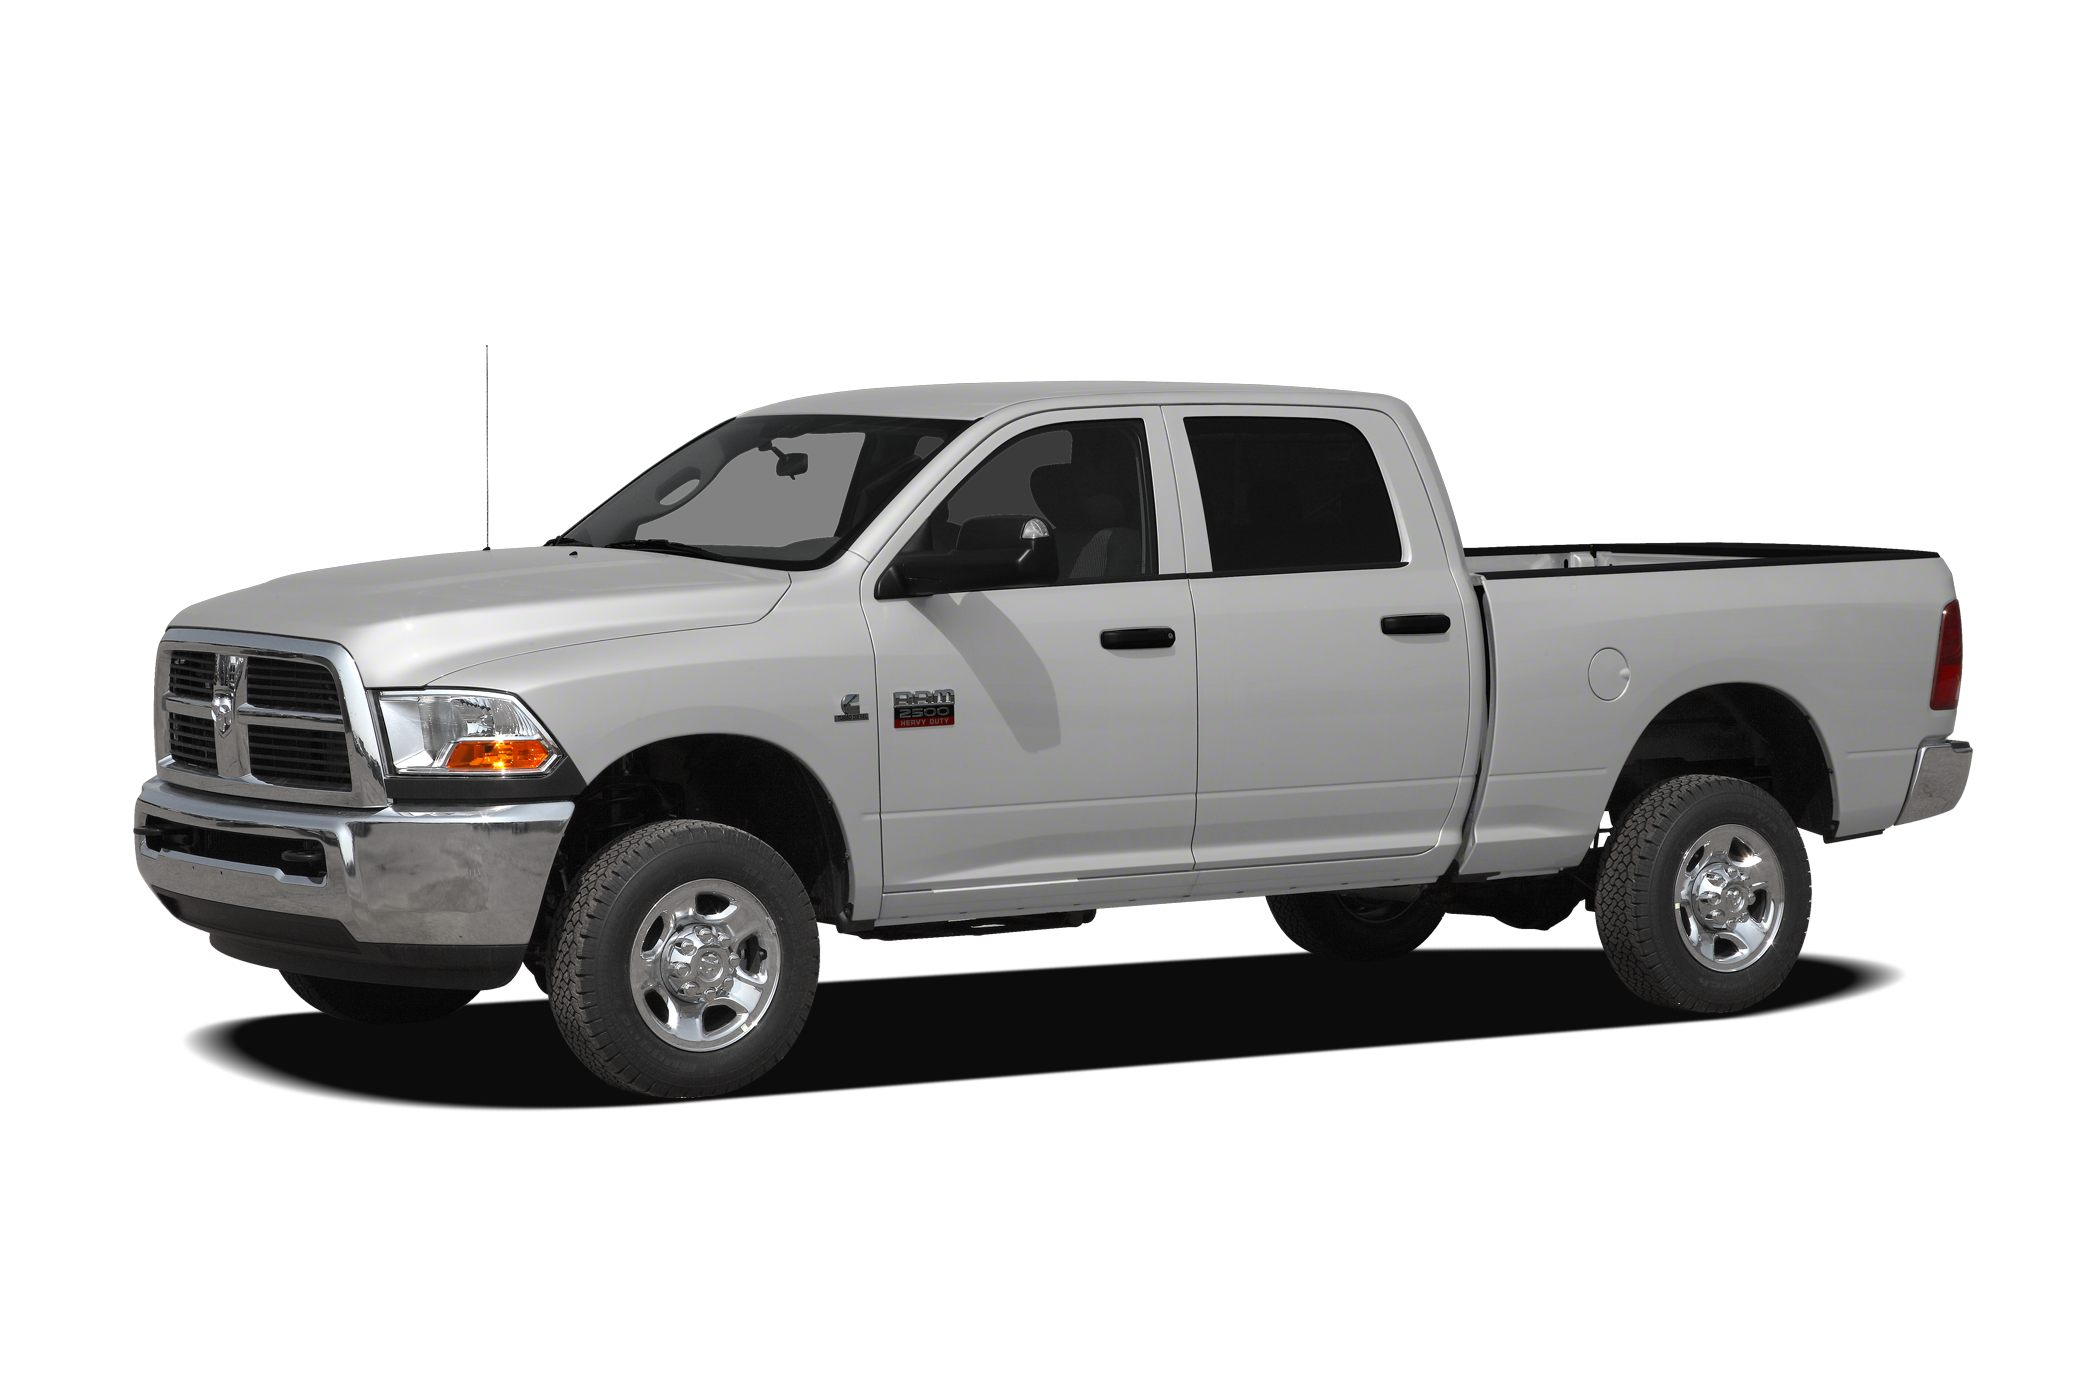 2011 Dodge Ram 2500  Miles 69381Color Black Stock R15560A VIN 3D7TP2CL1BG508895